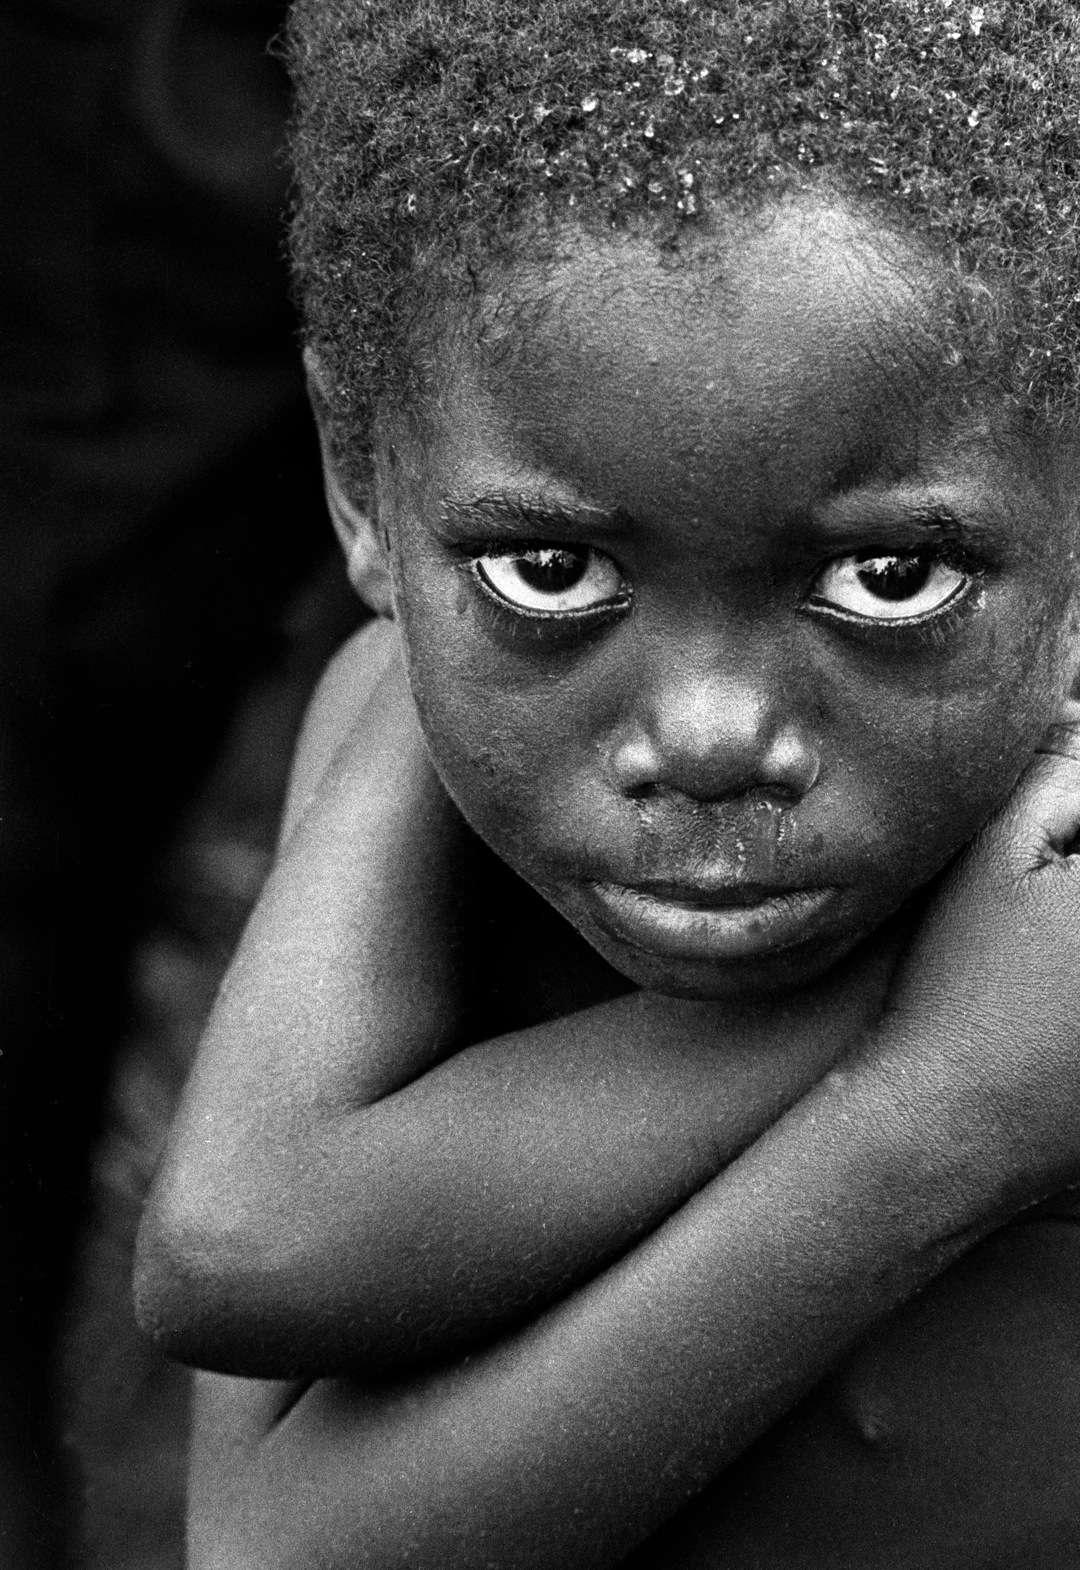 Comme tous les ans, l'Afrique est frappée par une épidémie de méningite, due à la bactérie Neisseria meningitidis. Cette année, près de 1.000 personnes ont déjà succombé. © Daveblum, Fotopédia, cc by nc nd 2.0